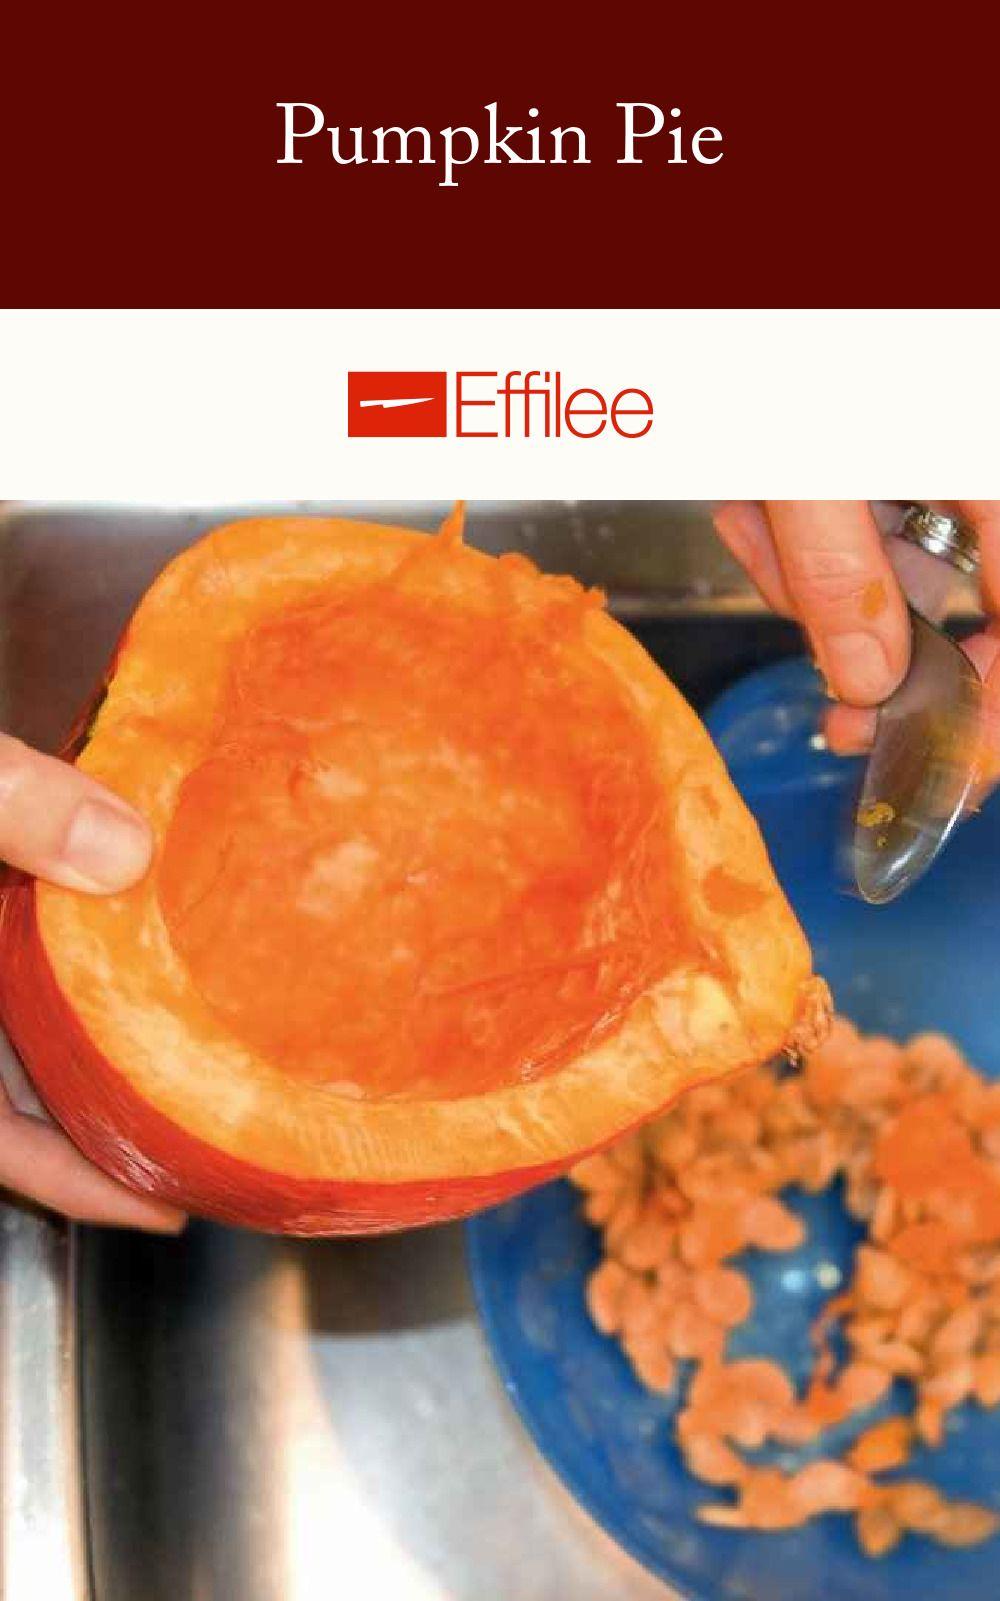 Wer Im Herbst Von Der Uberall Servierten Gelangweilt Ist Sollte Das Bunte Gemuse Einmal In Anderer Form Kosten Der Pumpkin Pie Wi